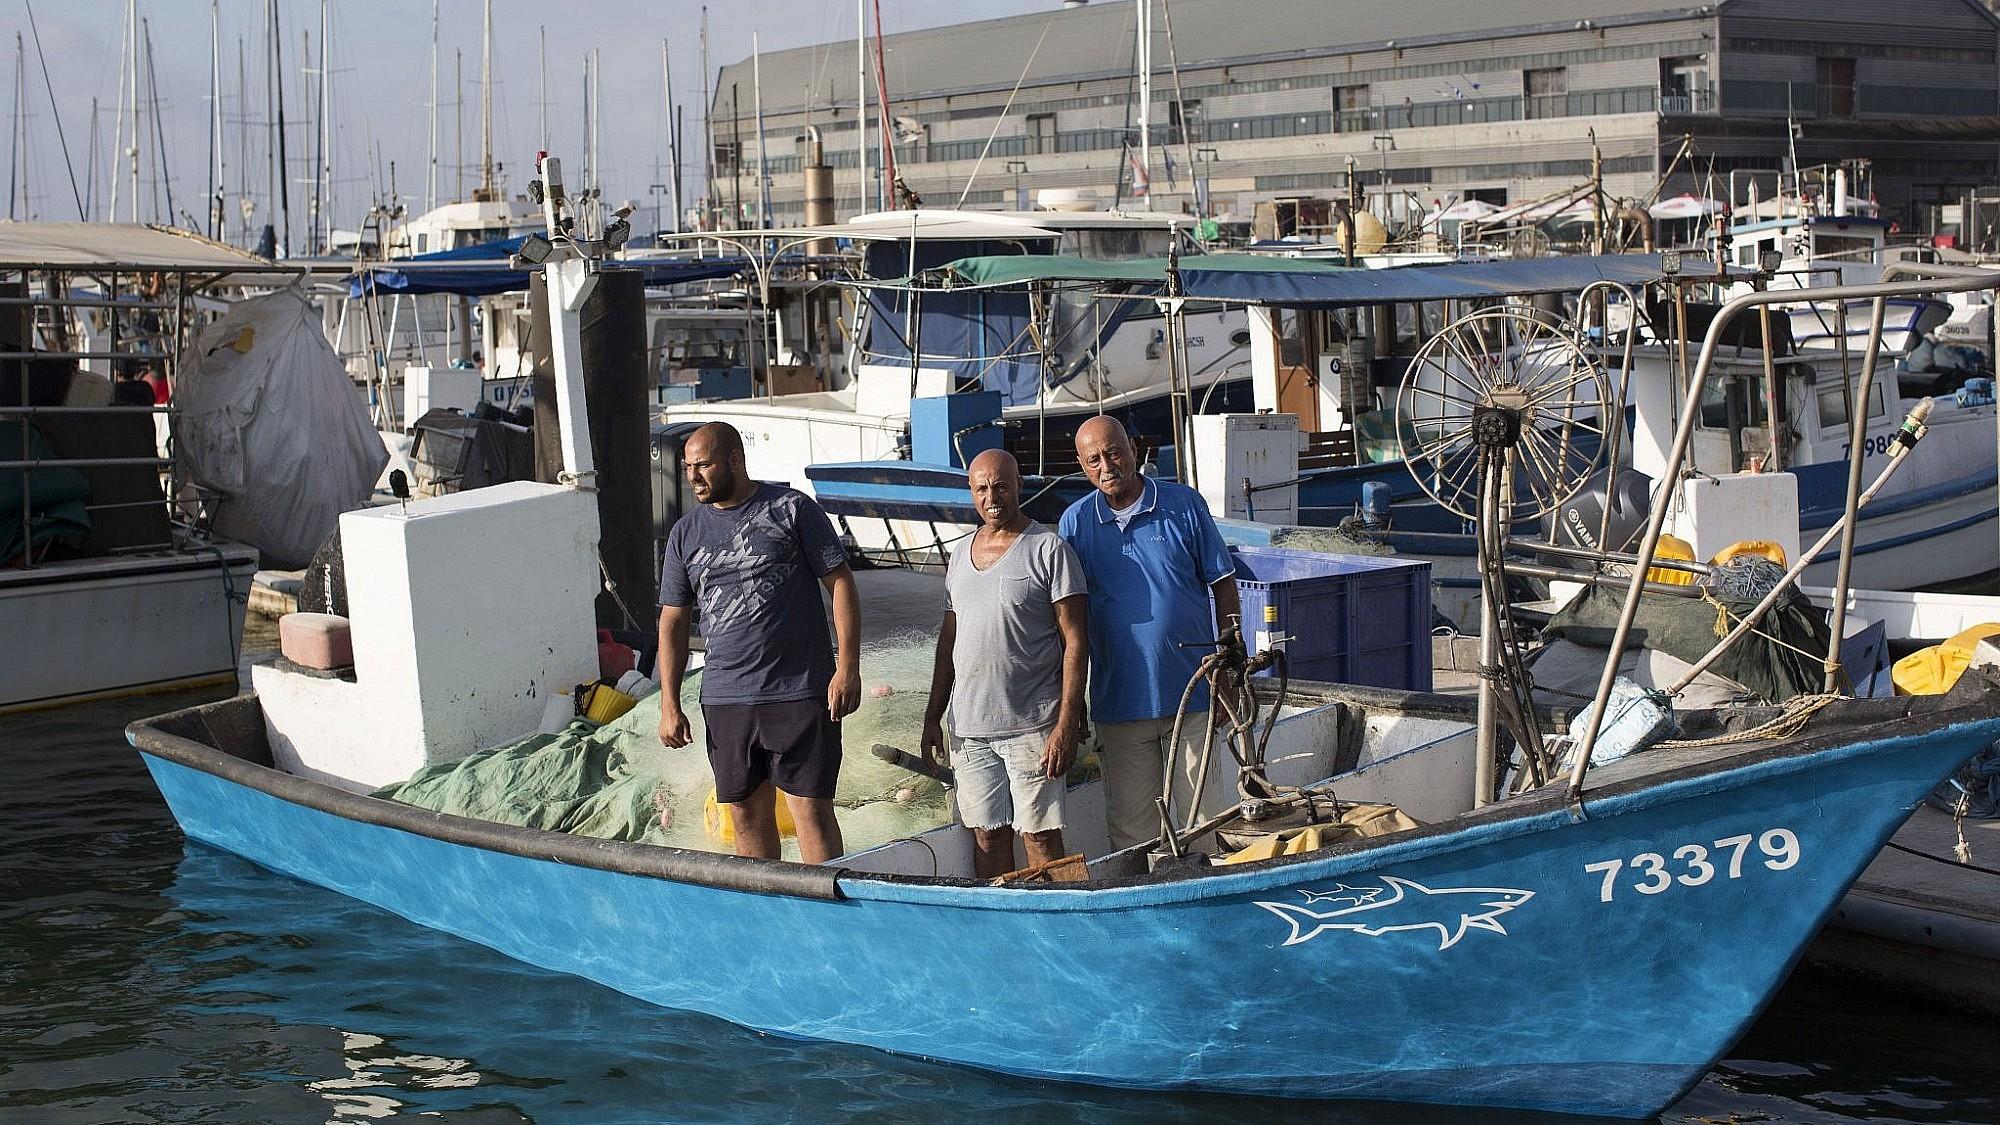 אבו סעדו, סעדו ומחמוד, השורדים האחרונים בדייגים המקוריים של נמל יפו (צילום: טלי מאייר)